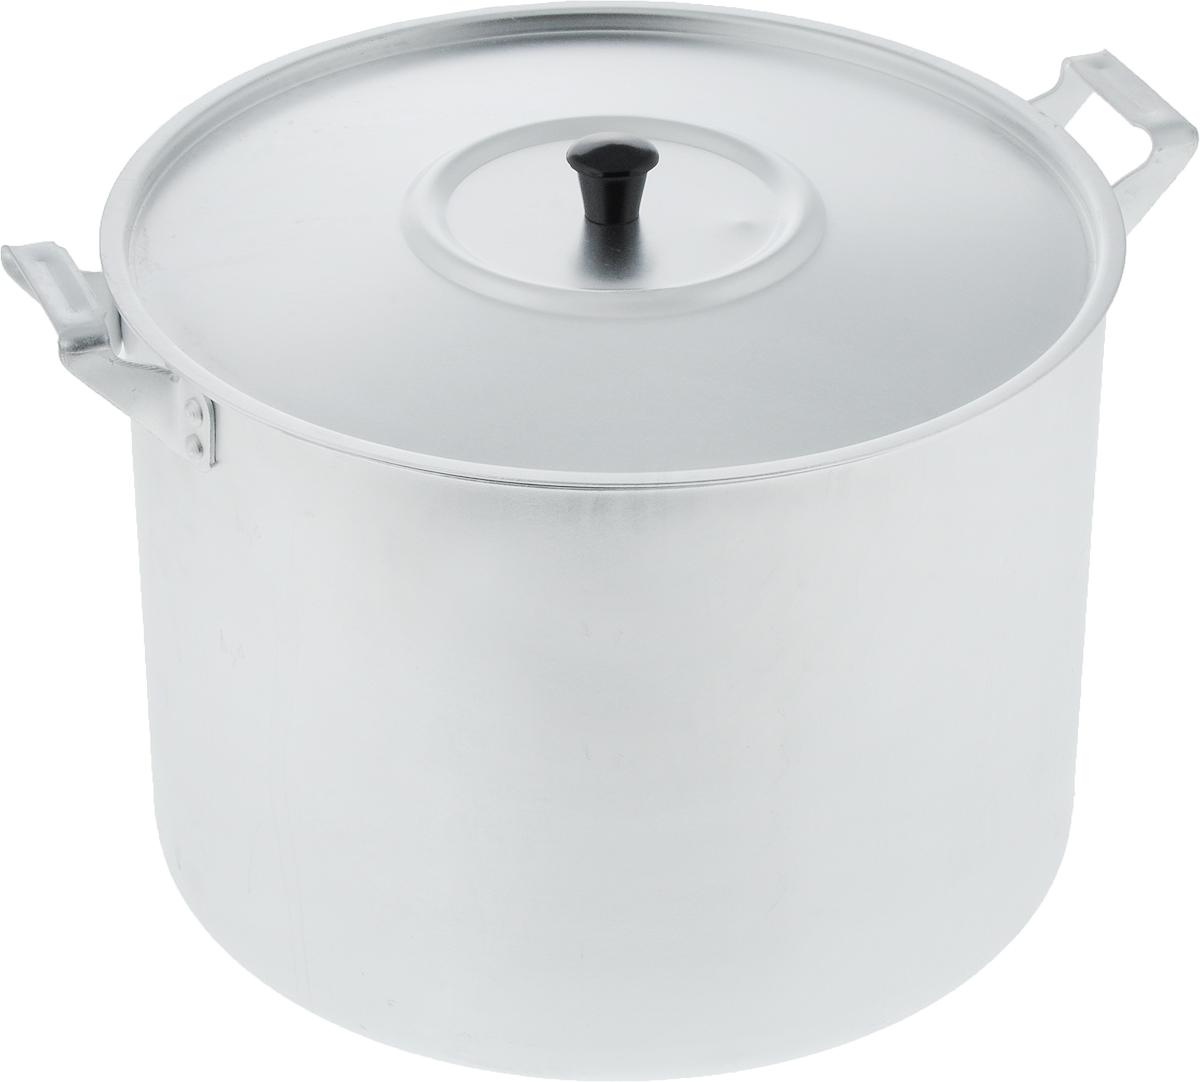 Кастрюля Scovo с крышкой, 10 лМТ-085Кастрюля Scovo с крышкой изготовлена из алюминия с полированной поверхностью. Посуда с полированной поверхностью медленно остывает, долго сохраняя тепло, поэтому идеально подходит для кипячения молока, воды, приготовления супов, каш. Кастрюля подходит для использования на всех типах плит, кроме индукционных. Можно мыть в посудомоечной машине. Алюминиевая посуда - это давно проверенная классика. Долговечная и недорогая, алюминиевая посуда не обладает привлекательным внешним видом, но может пережить многие испытания и не понести потерь. Даже деформация корпуса, в принципе, не влияет на дальнейший процесс приготовления пищи. Полированную алюминиевую посуду не рекомендуется мыть абразивными моющими средствами с использованием жестких щеток и других твердых материалов. Такая посуда пригодится не только дома, но и станет незаменимой в походах или поездках за город. Диаметр кастрюли (по верхнему краю): 26 см. Высота стенки: 19 см. Объем кастрюли: 10 л.